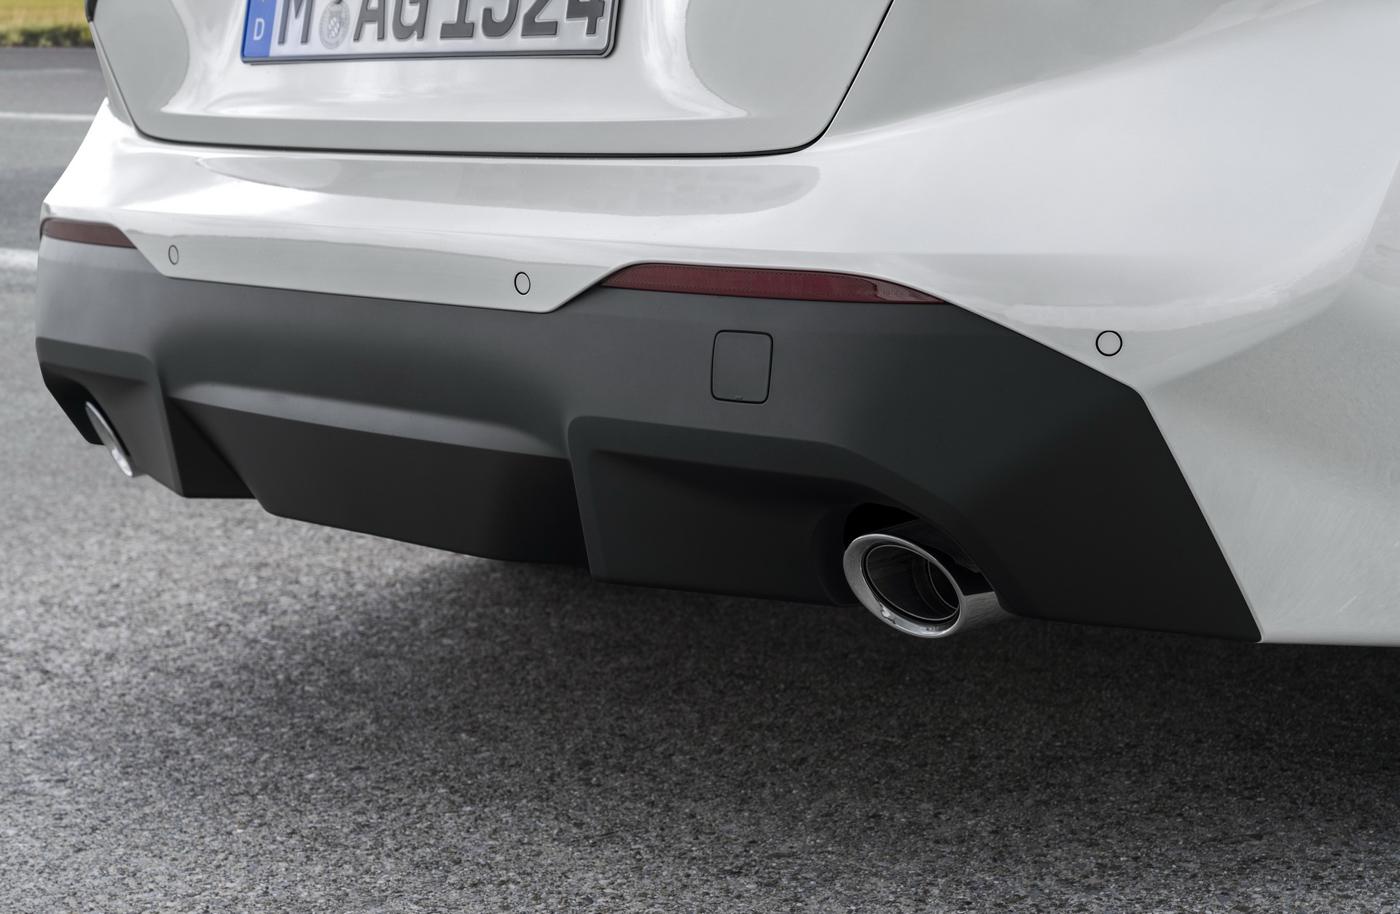 BMW-2-series-2022-ra-mắt-với-giá-bán-từ-36350-usd-30.jpg